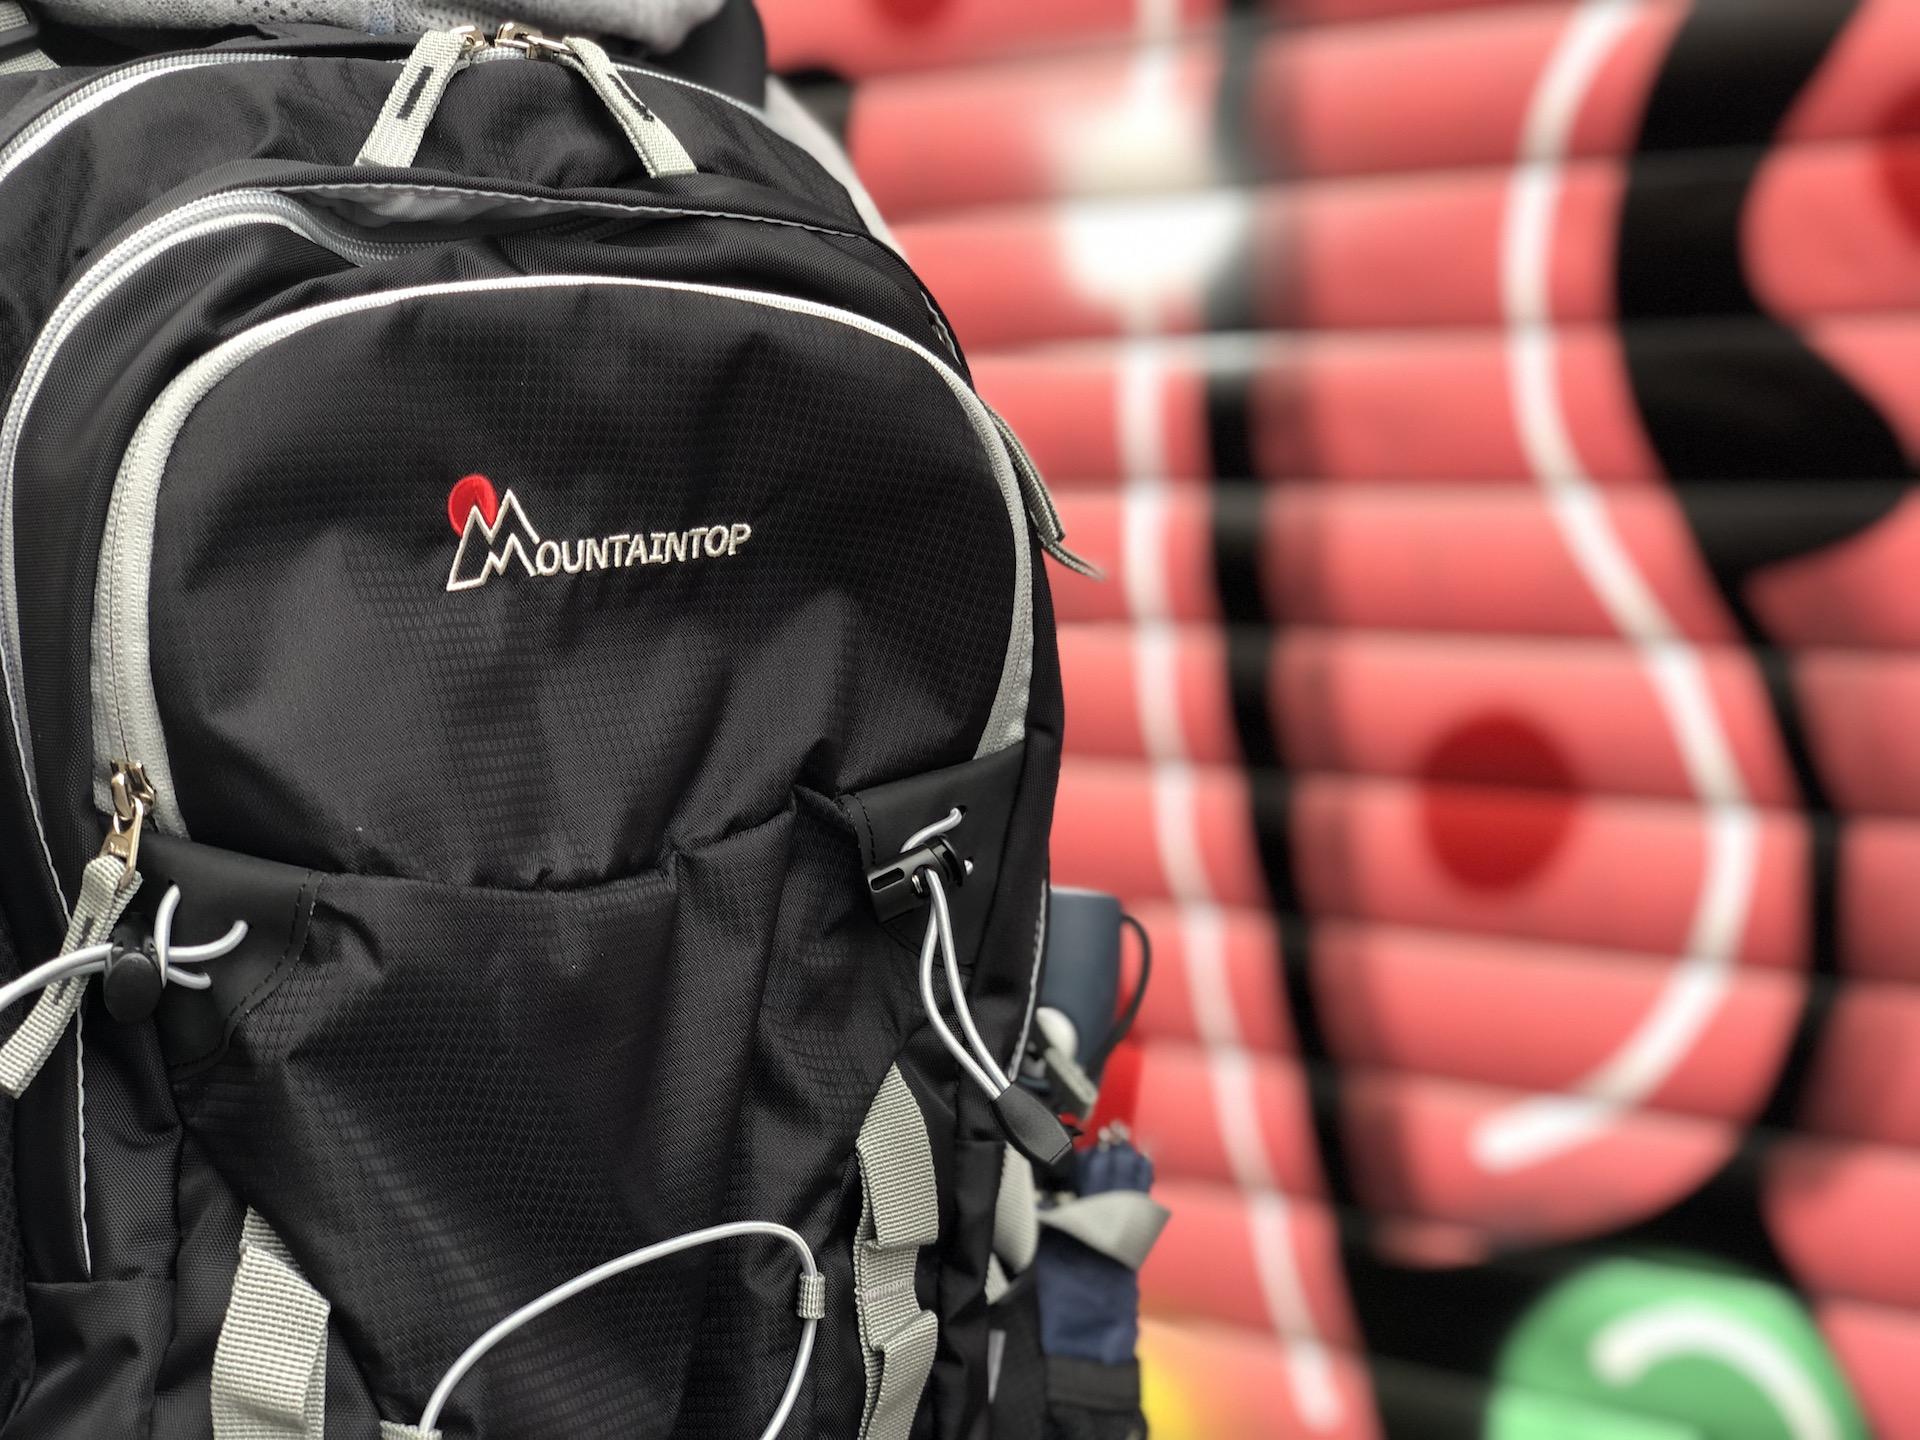 Ein Rucksack vor einer Graffiti-Wand